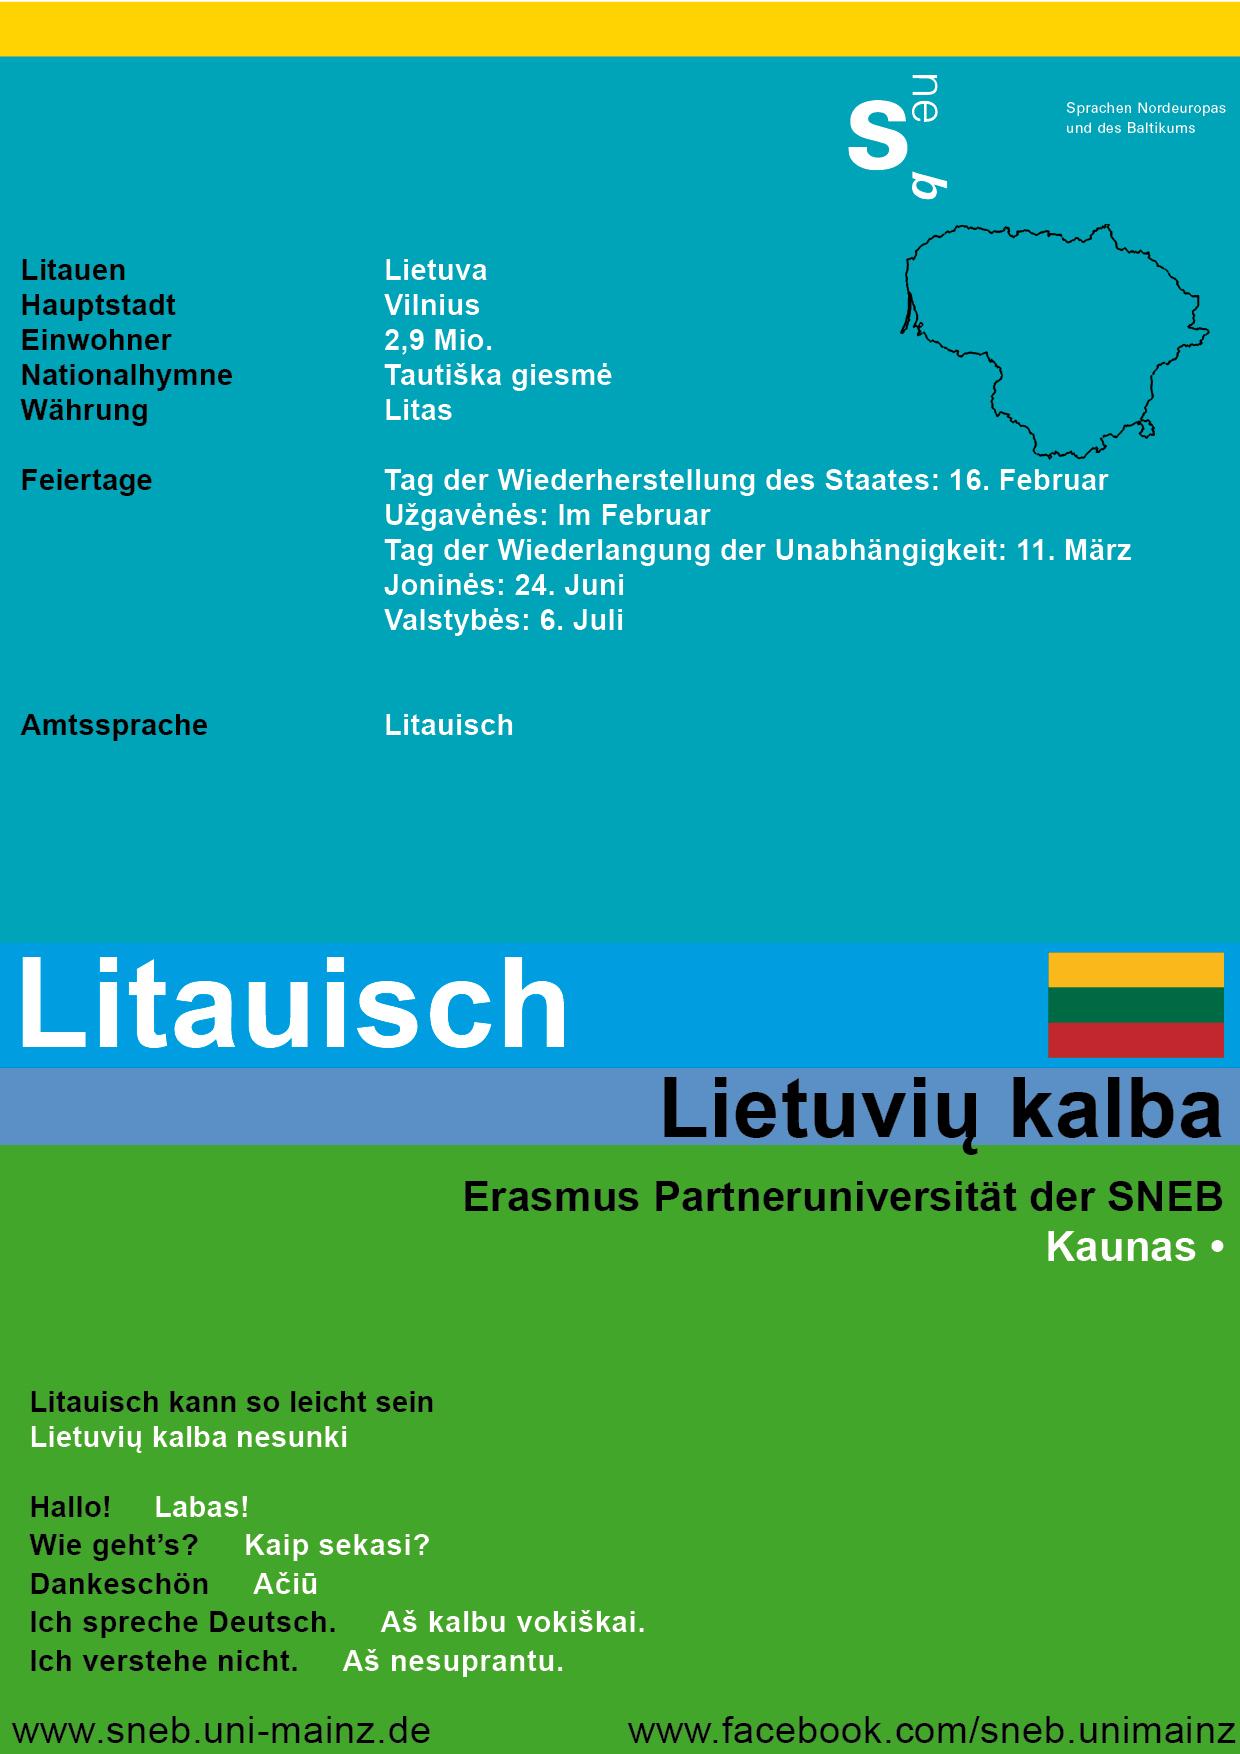 litauisch an der uni mainz sprachen nordeuropas und des baltikums. Black Bedroom Furniture Sets. Home Design Ideas